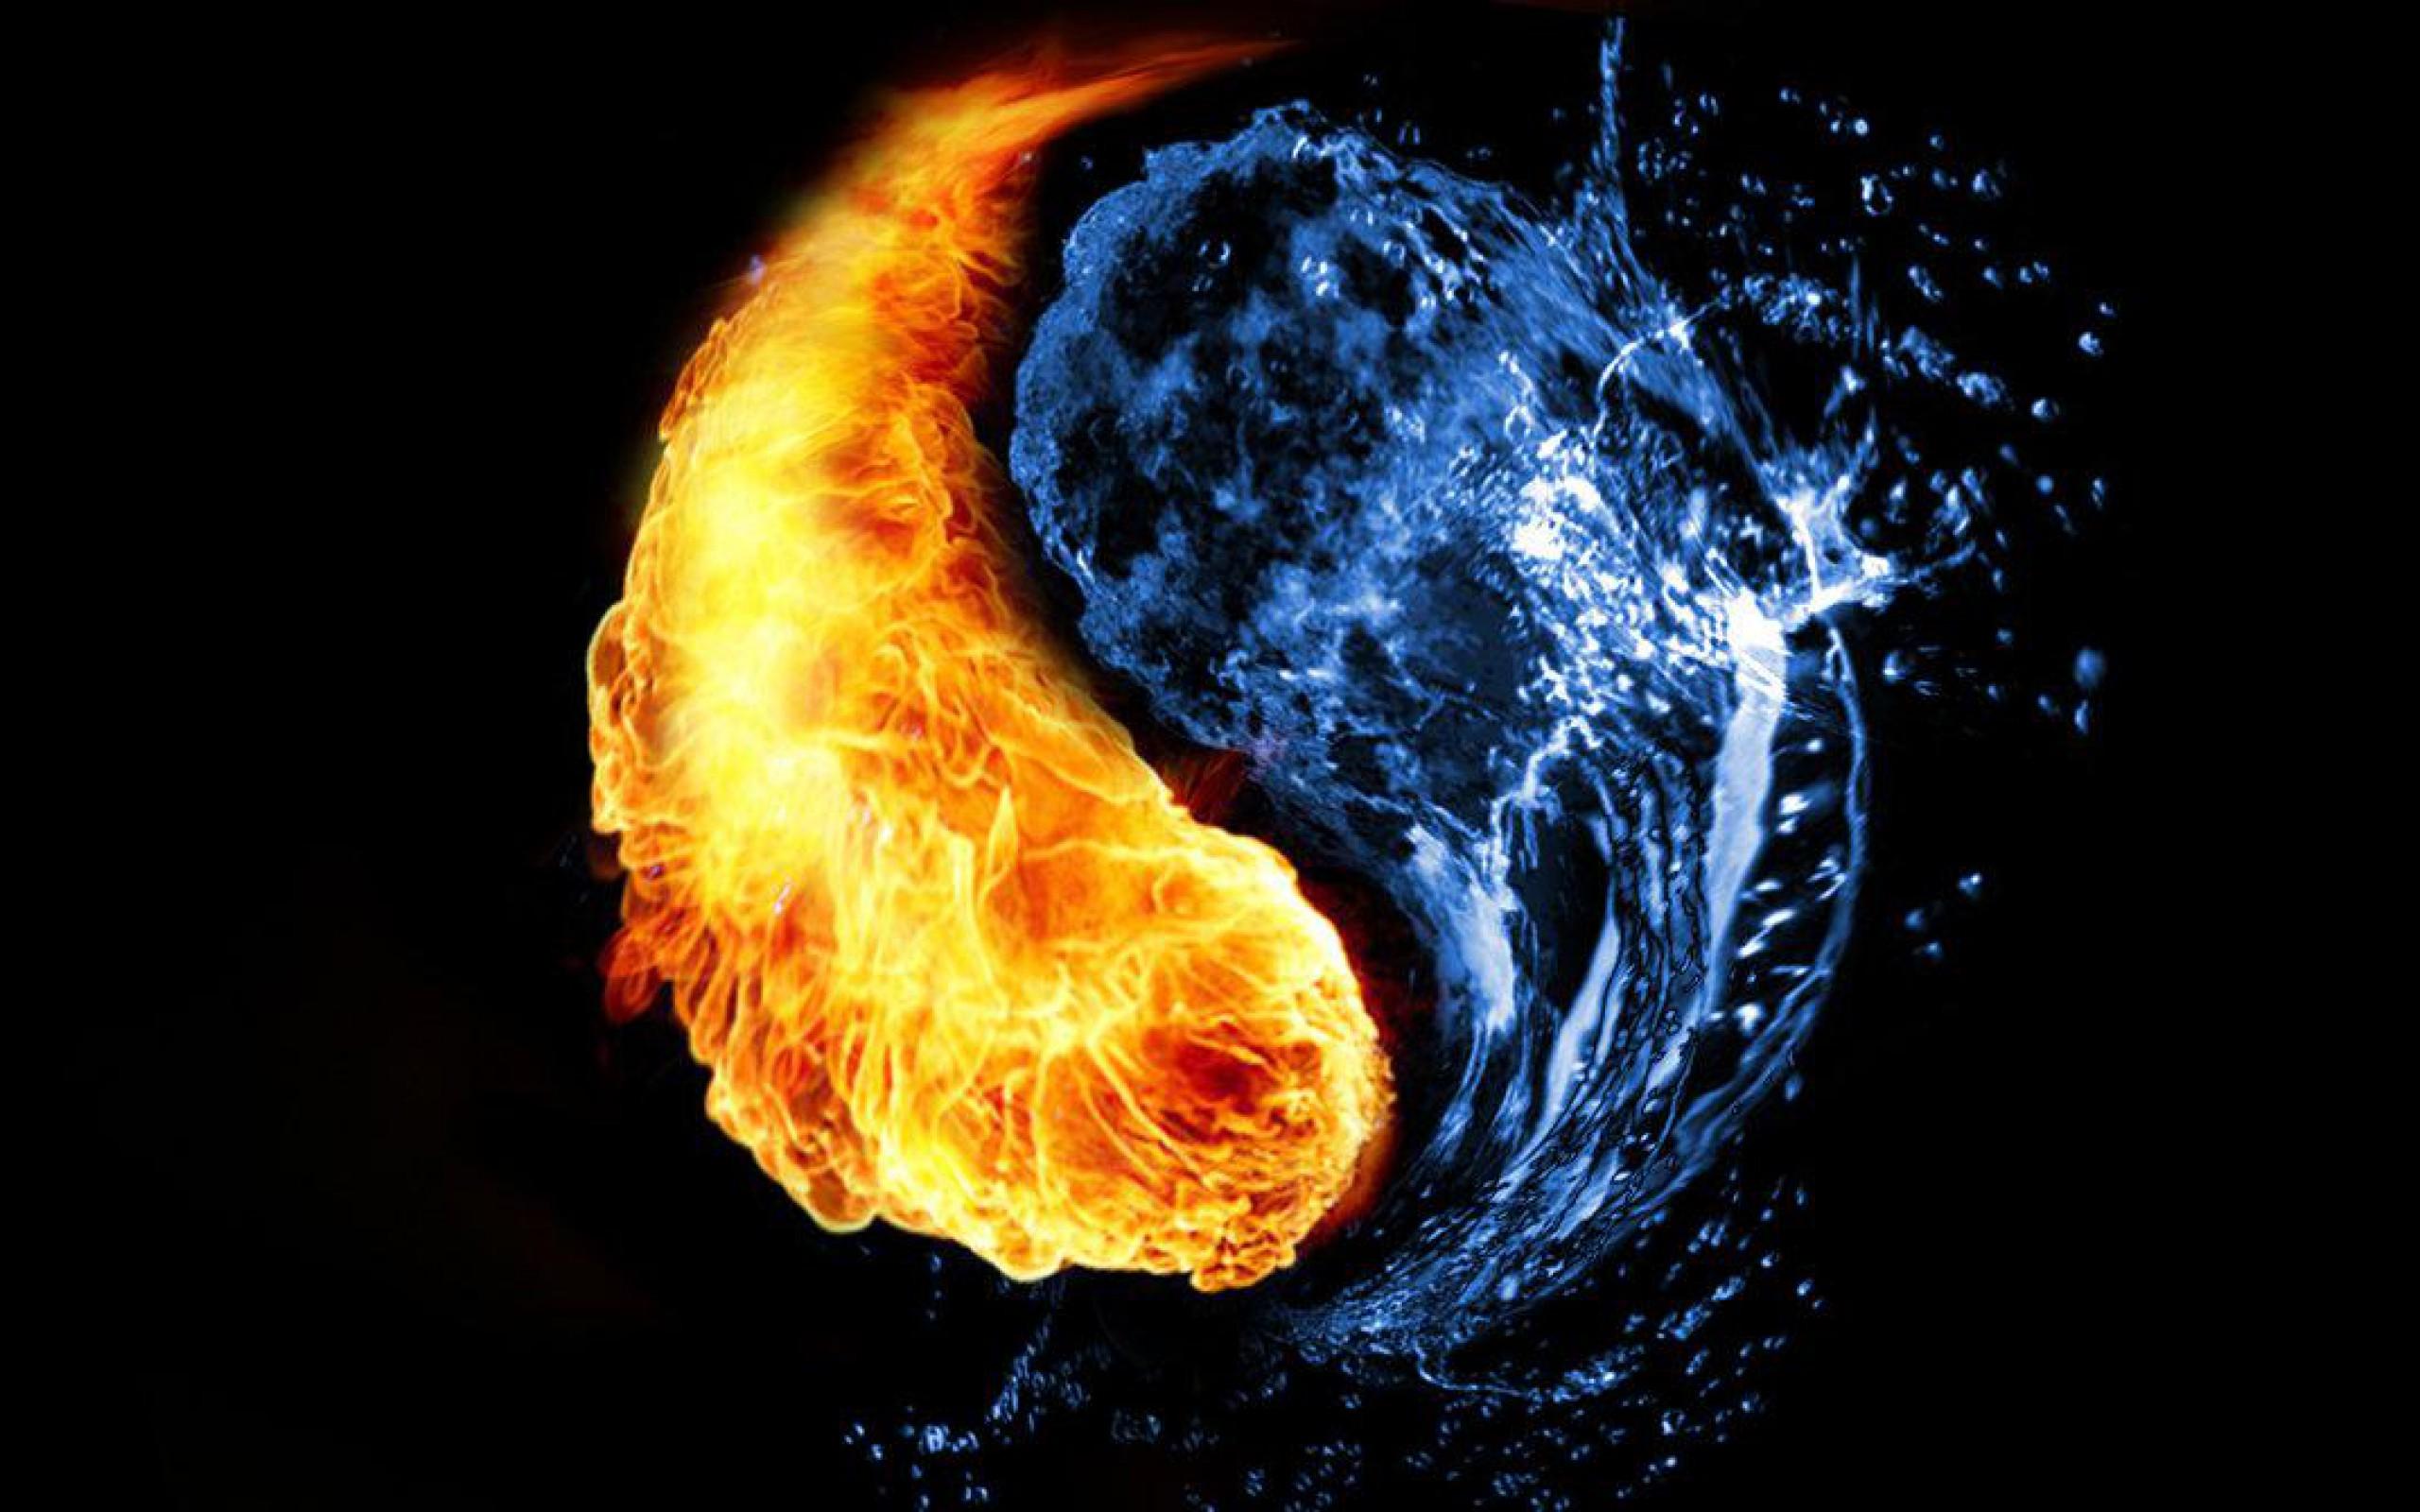 обои на рабочий стол вода и огонь и вода № 153622  скачать